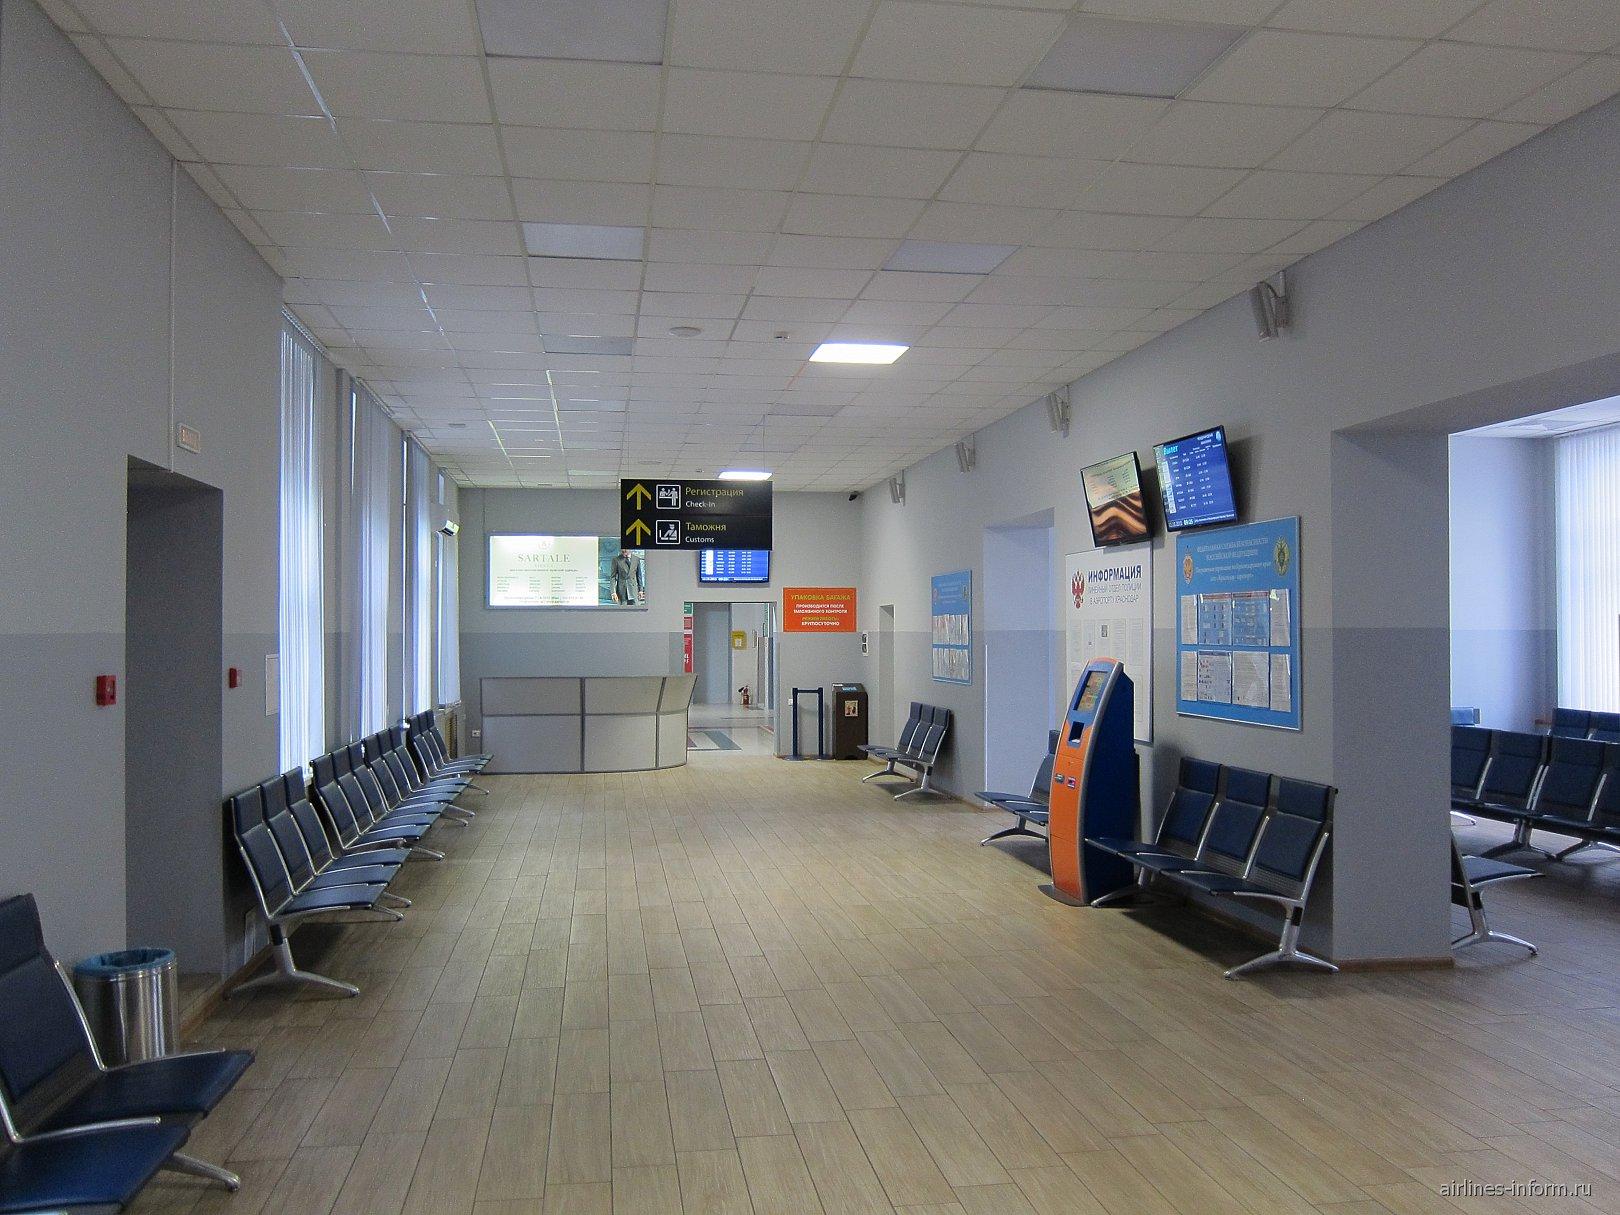 В терминале международных рейсов аэропорта Краснодар Пашковский